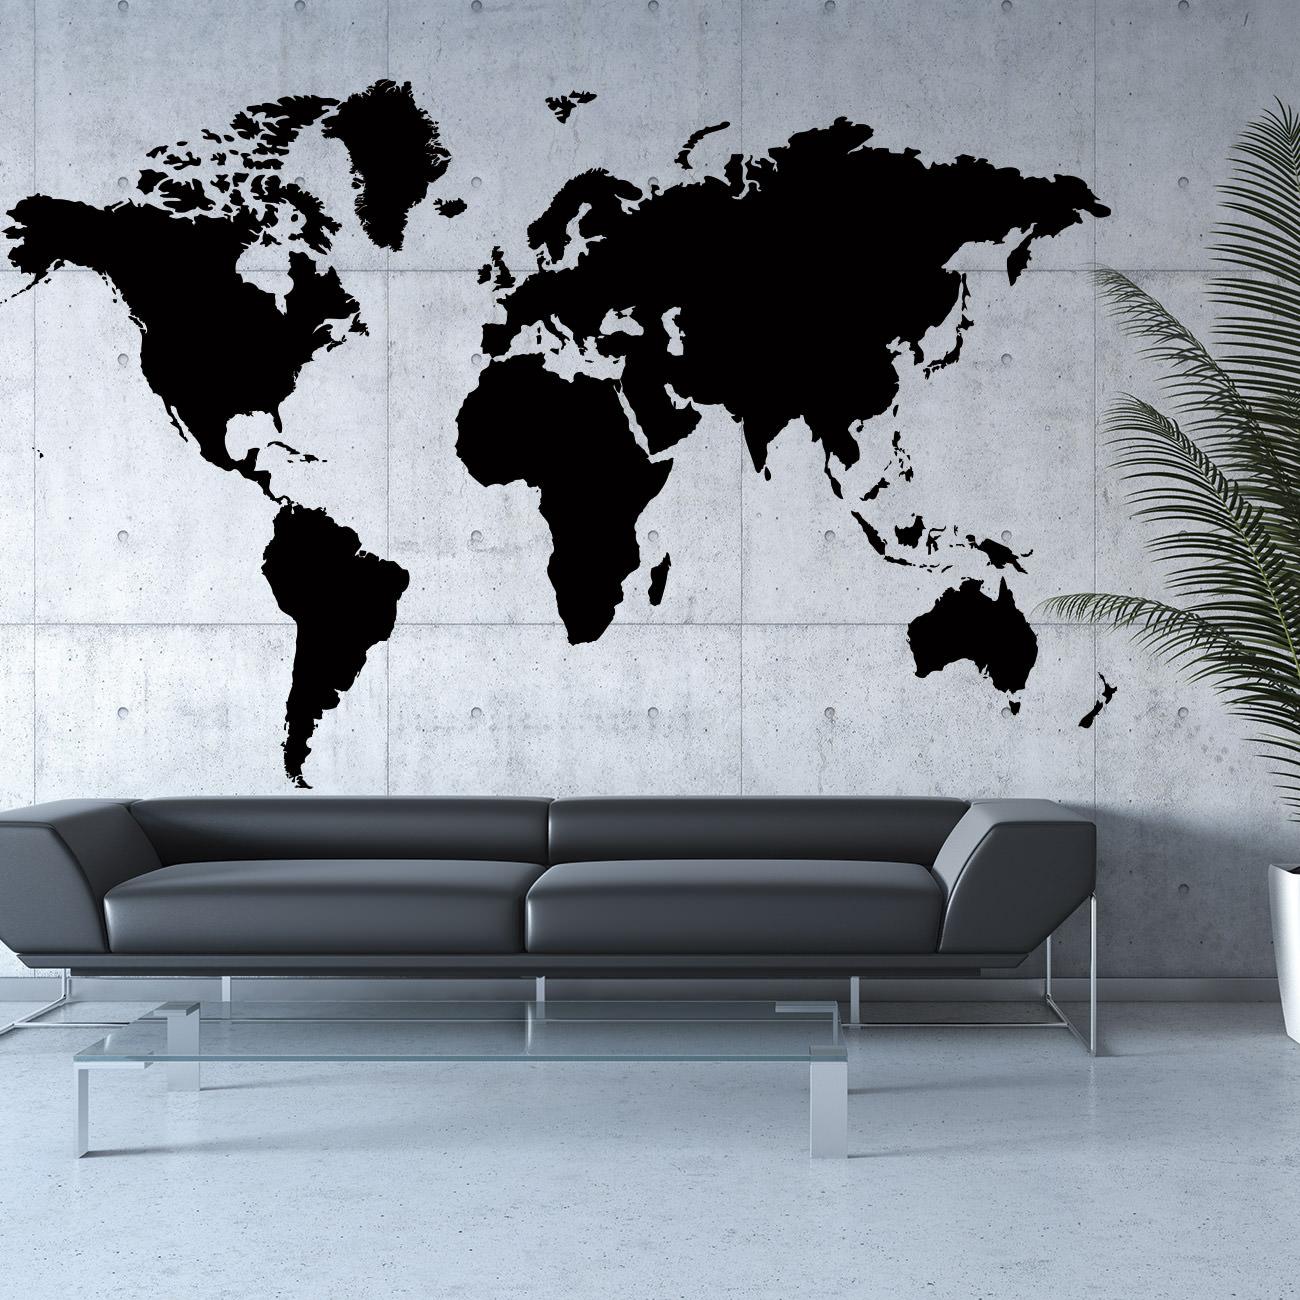 Anspruchsvoll Wandtattoo Weltkarte Foto Von Wandtattoos Atlas Worldmap. Worldmap_walltattoo